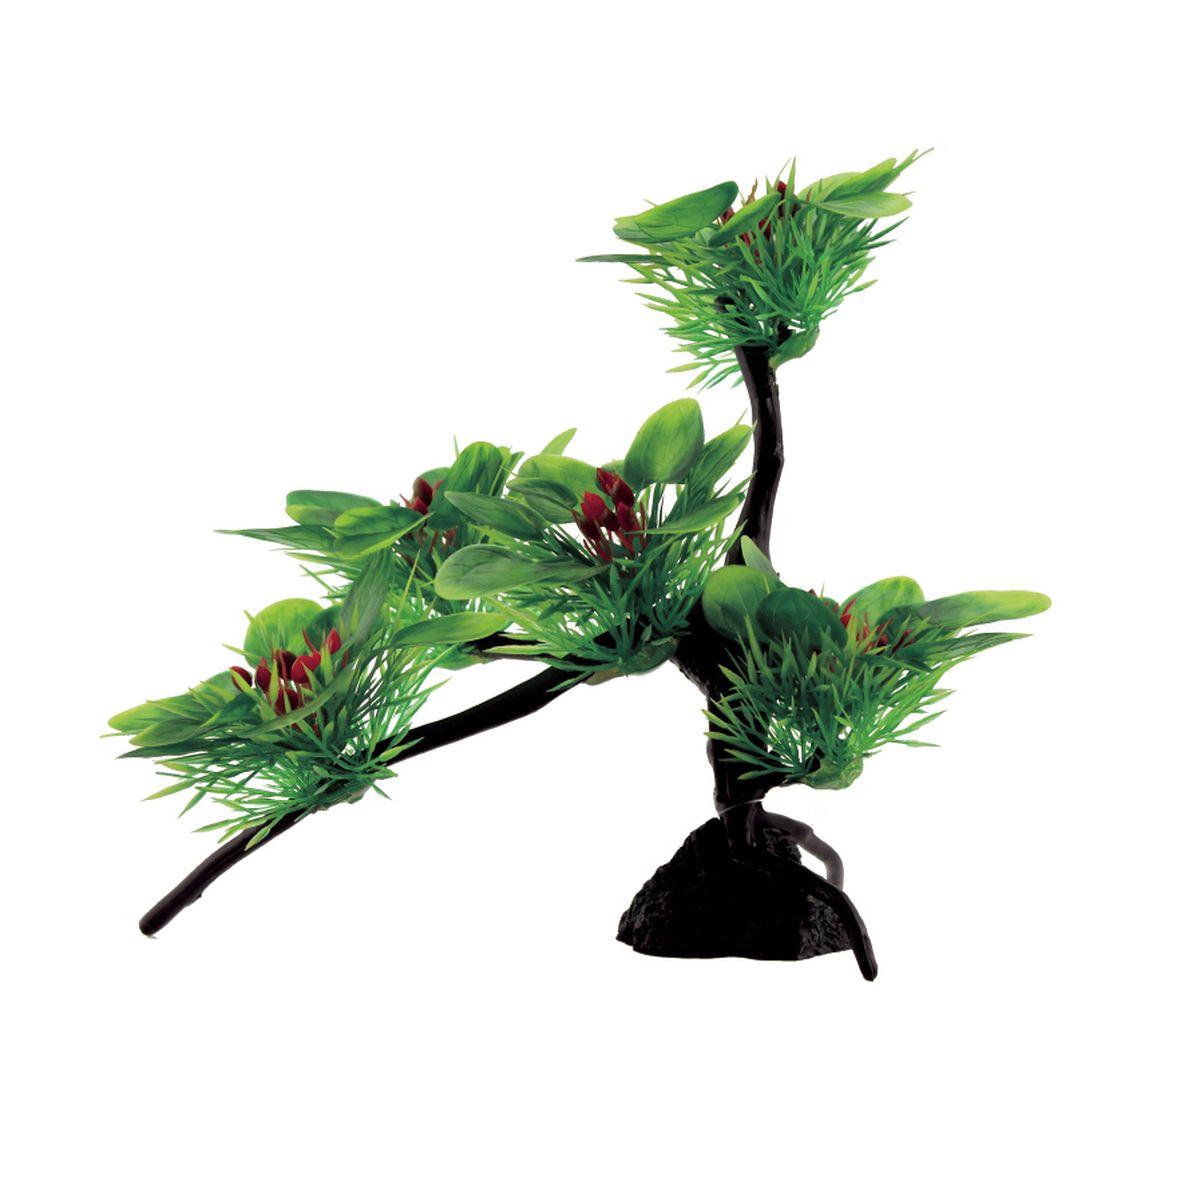 Композиция из растений для аквариума ArtUniq Буцефаландры широколистные, 22 x 16 x 22 см0120710Композиция из искусственных растений ArtUniq превосходно украсит и оживит аквариум.Растения - это важная часть любой композиции, они помогут вдохнуть жизнь в ландшафт любого аквариума или террариума. Лучше всего это сделают яркие и сочные цвета искусственных растений серии ArtPlants. Композиция является точной копией природного растения.